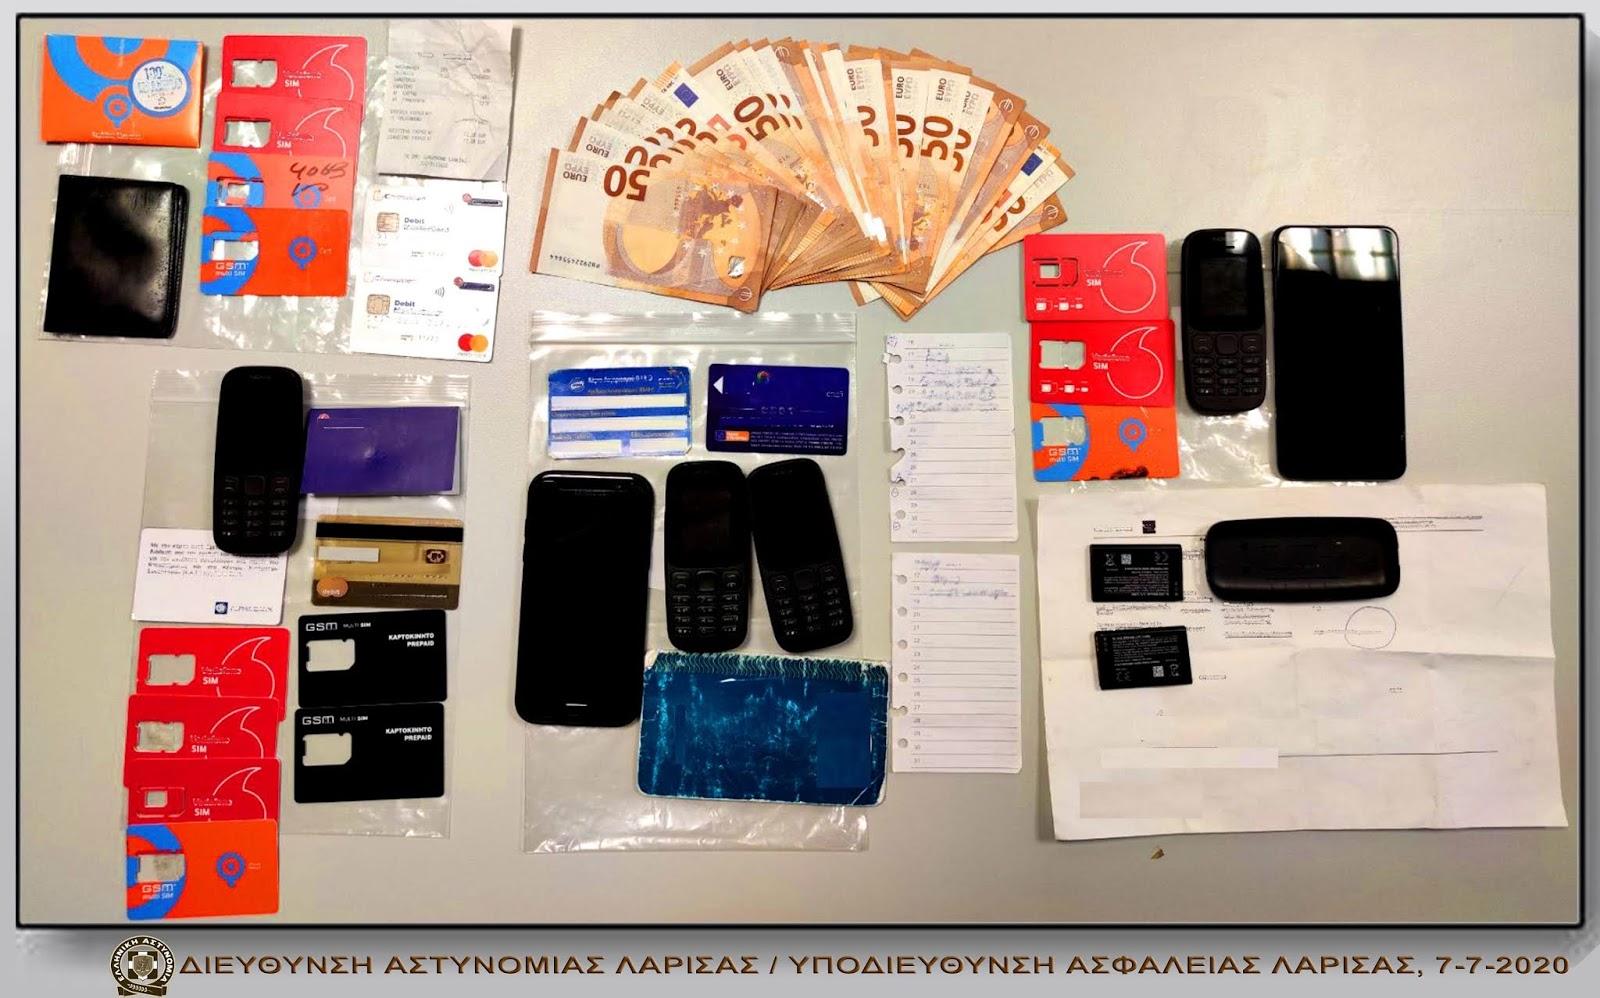 Εξιχνιάστηκαν 46 περιπτώσεις απάτης - Η σπείρα δρούσε και στη Λάρισα